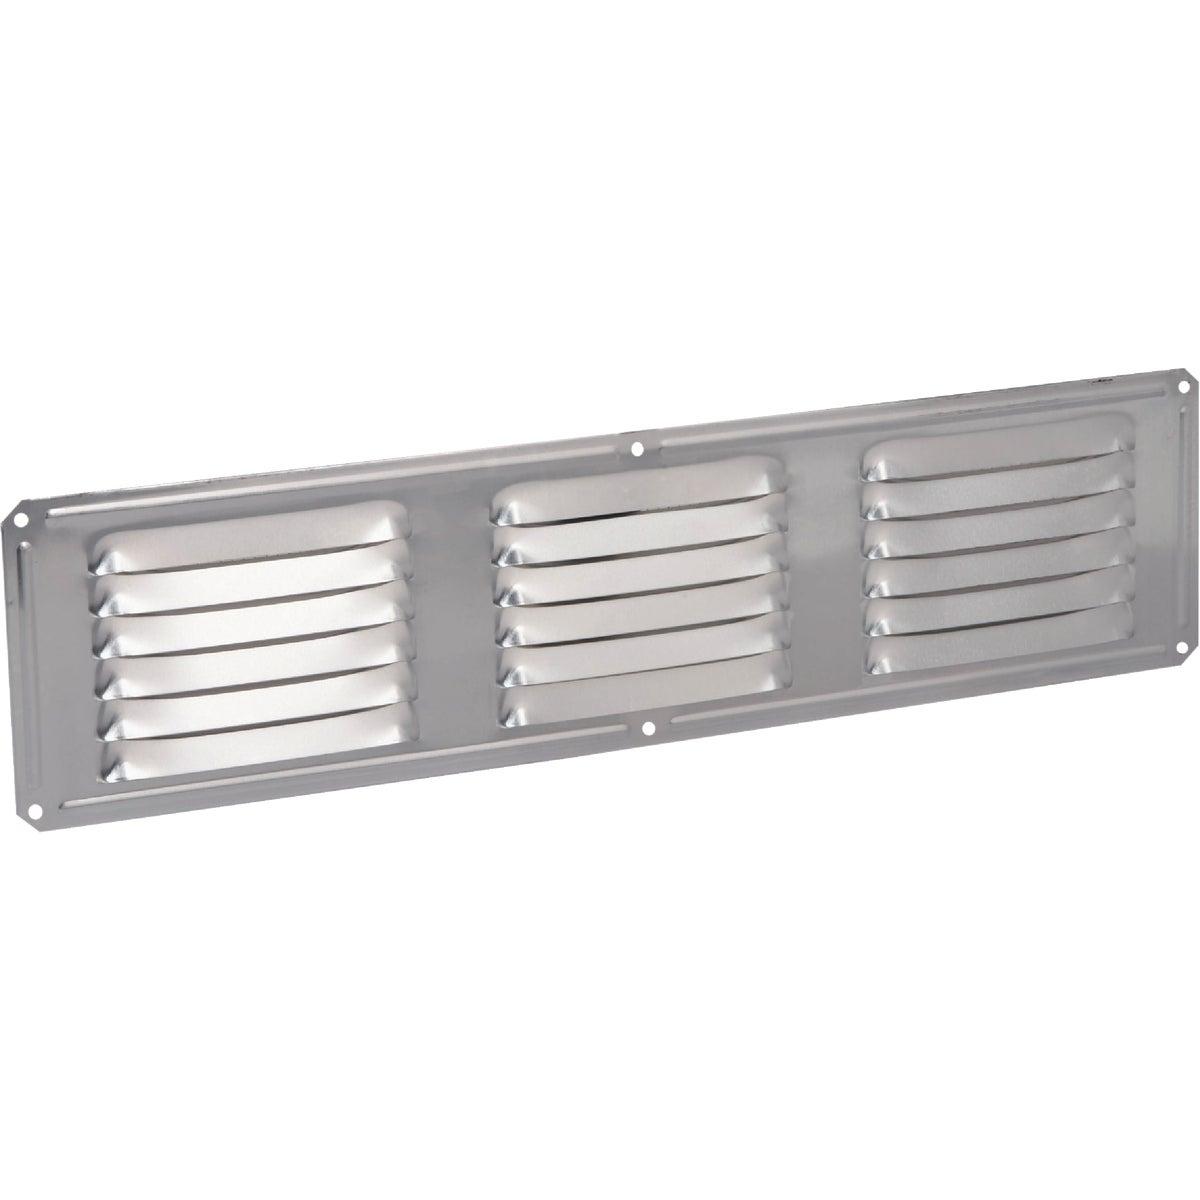 Aluminum Under Eave Vent, 84126